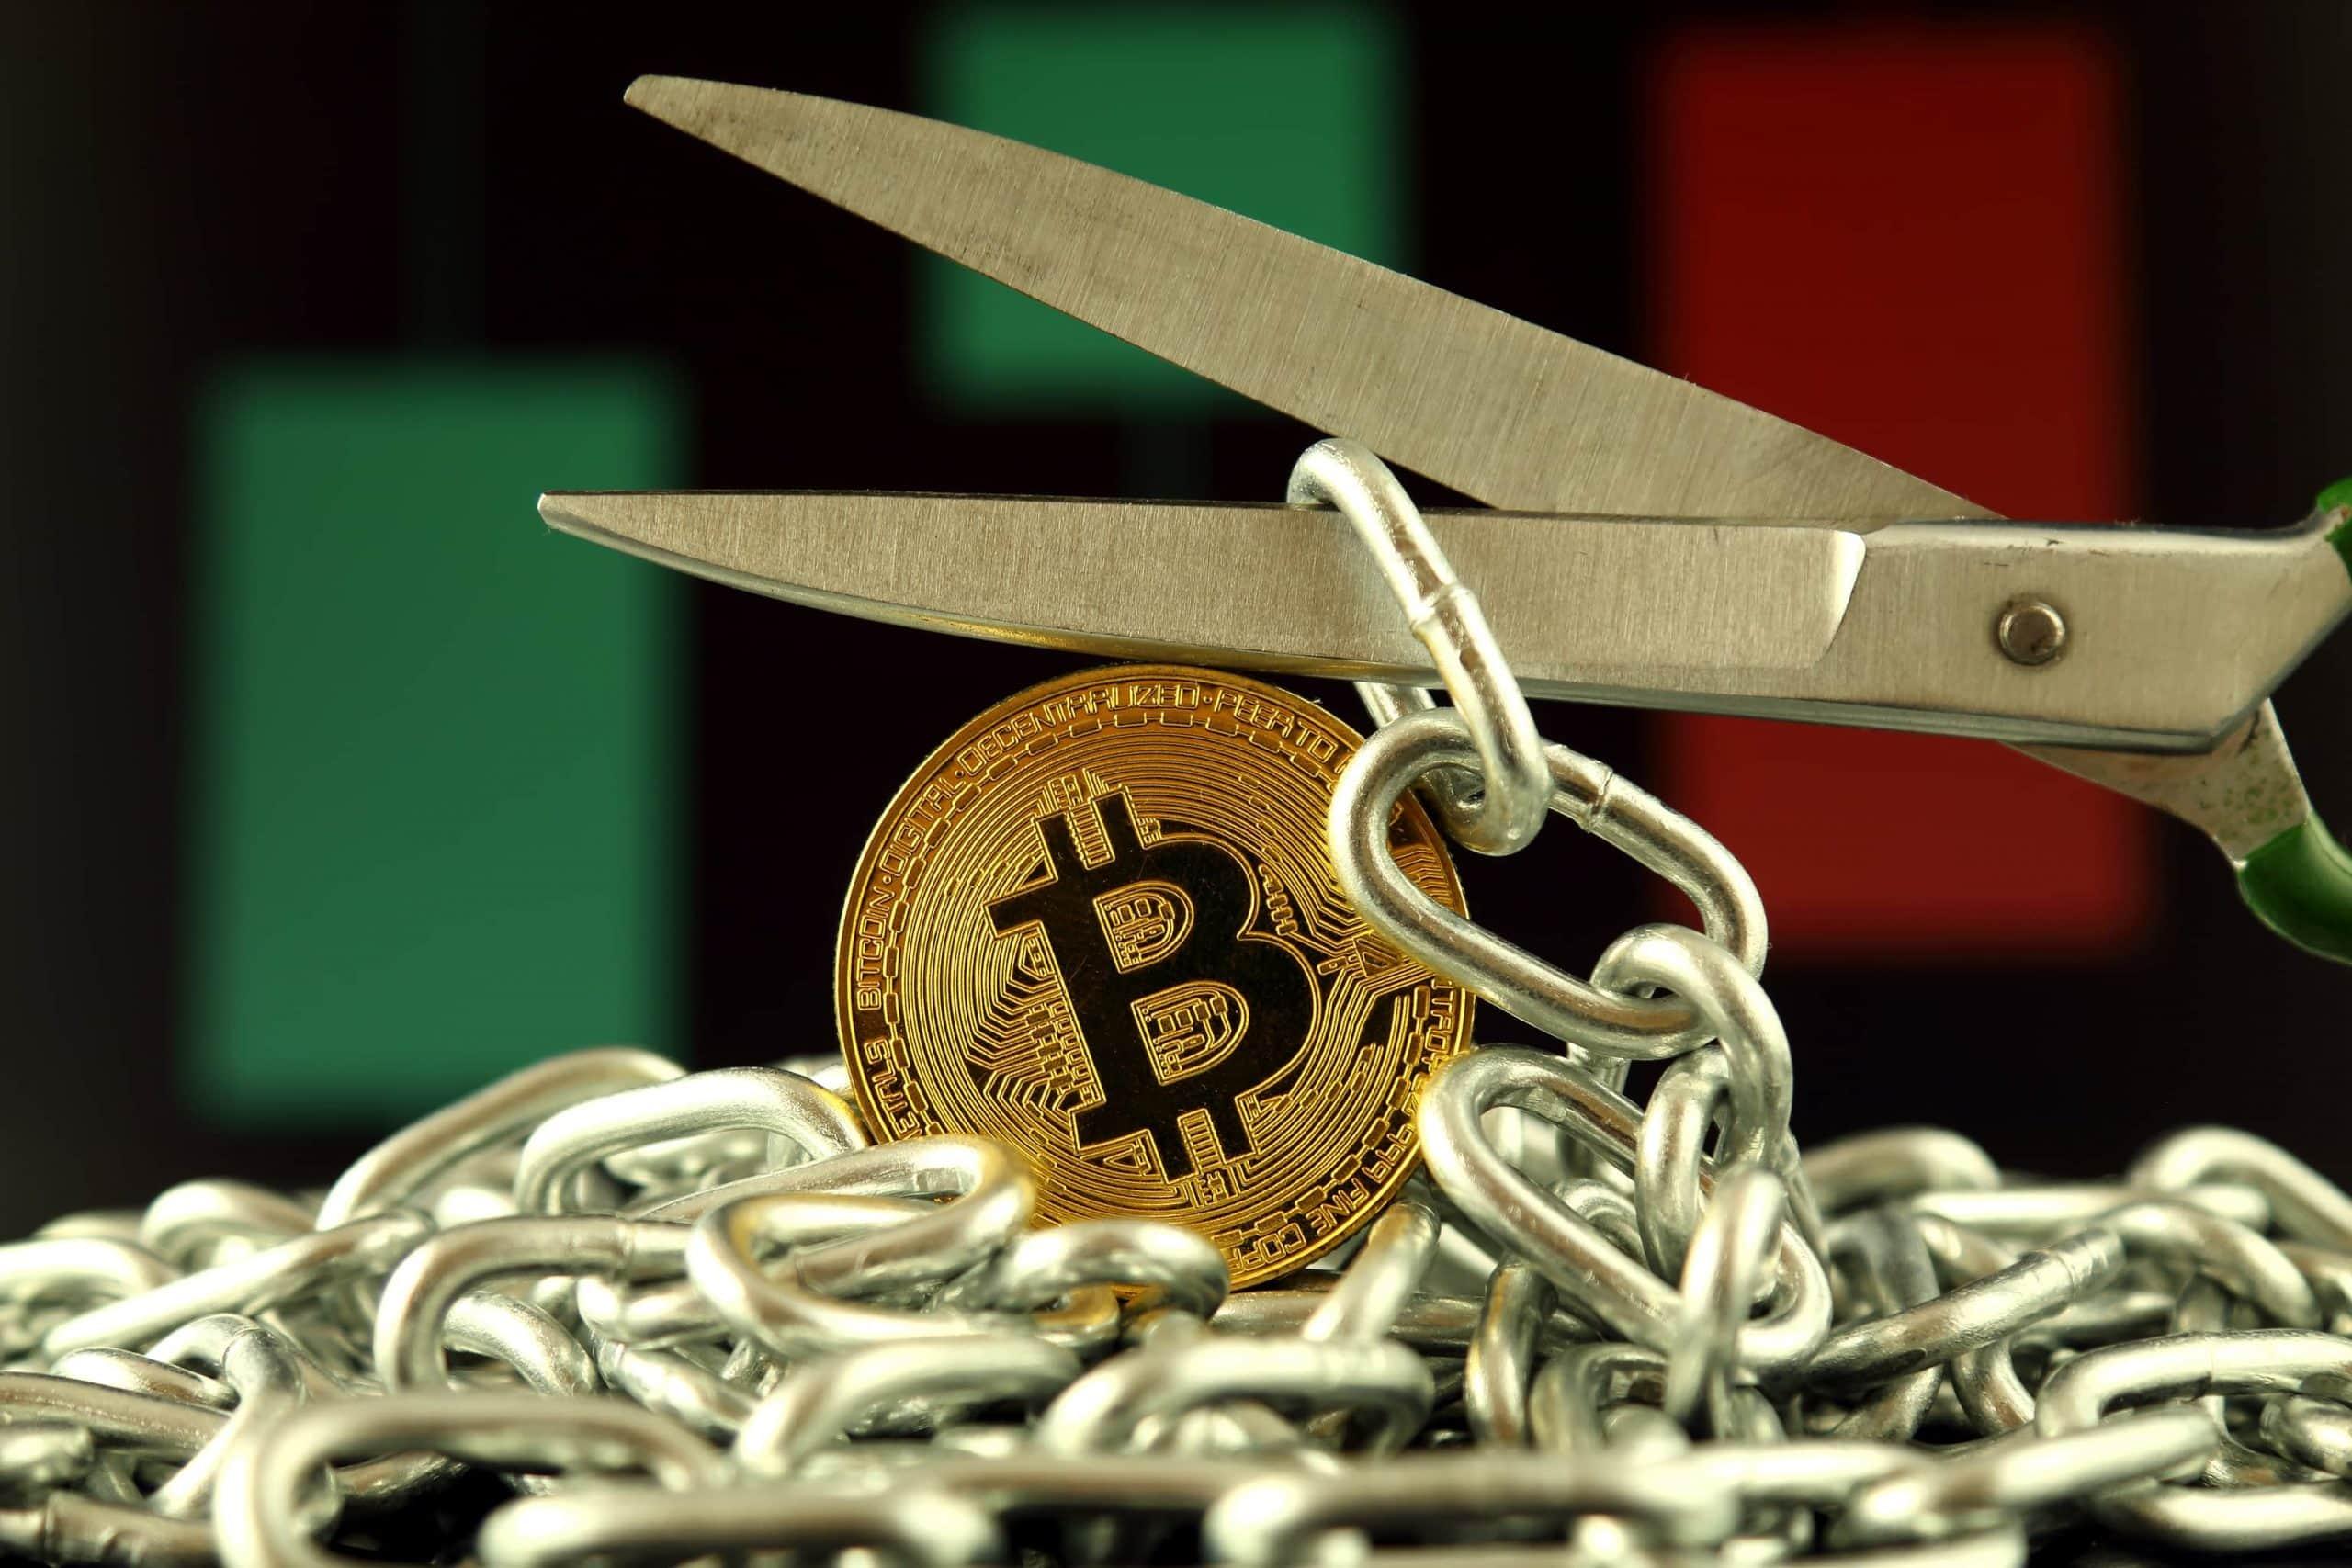 Schere durchtrennt eine Kette, darunter eine Bitcoin-Münze